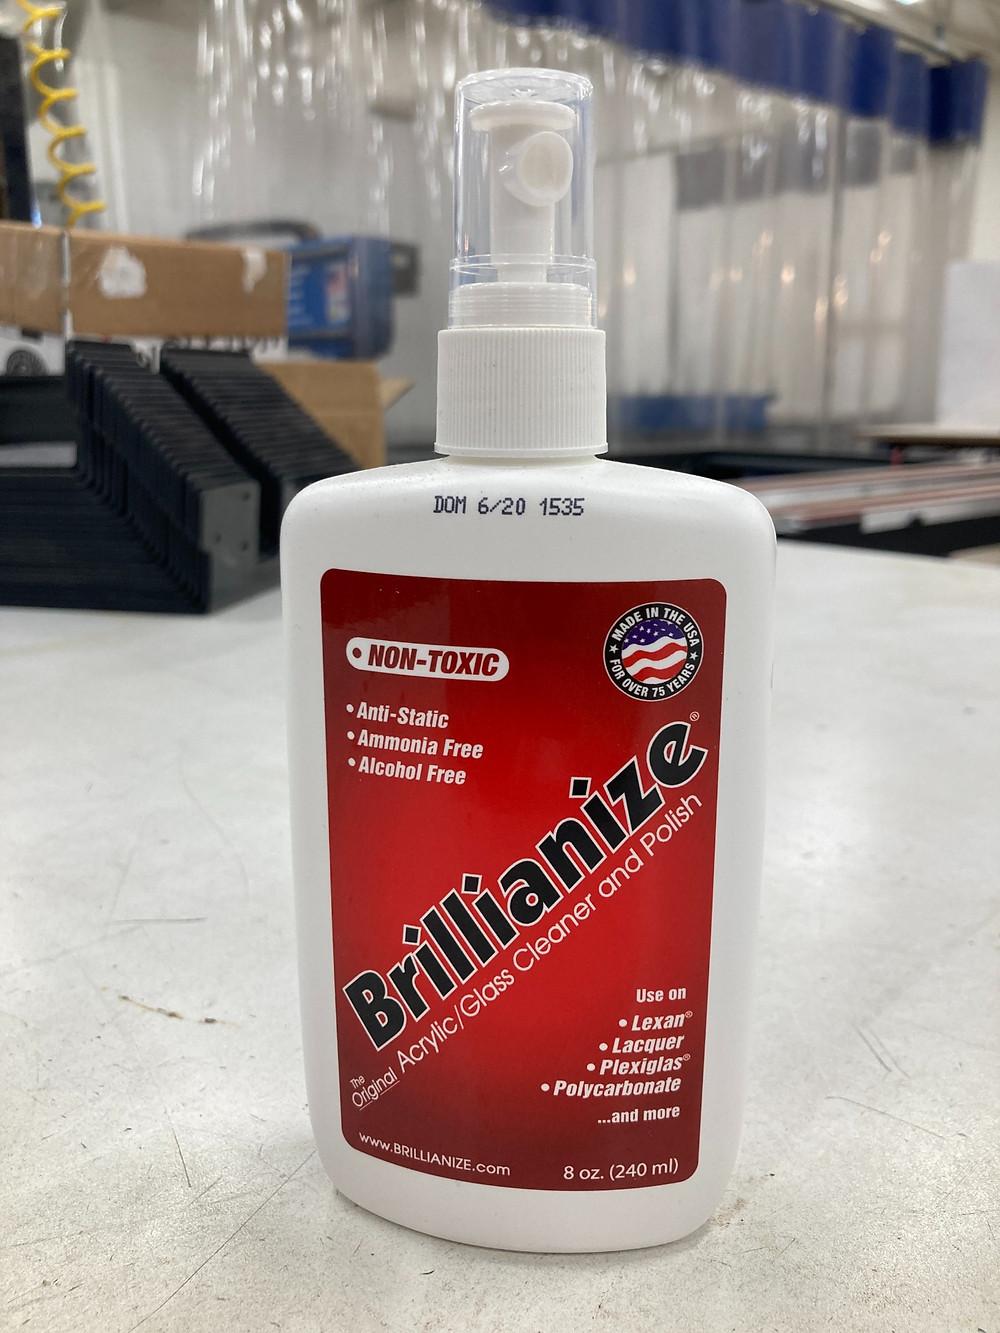 Brillianize- the best plastic cleaner